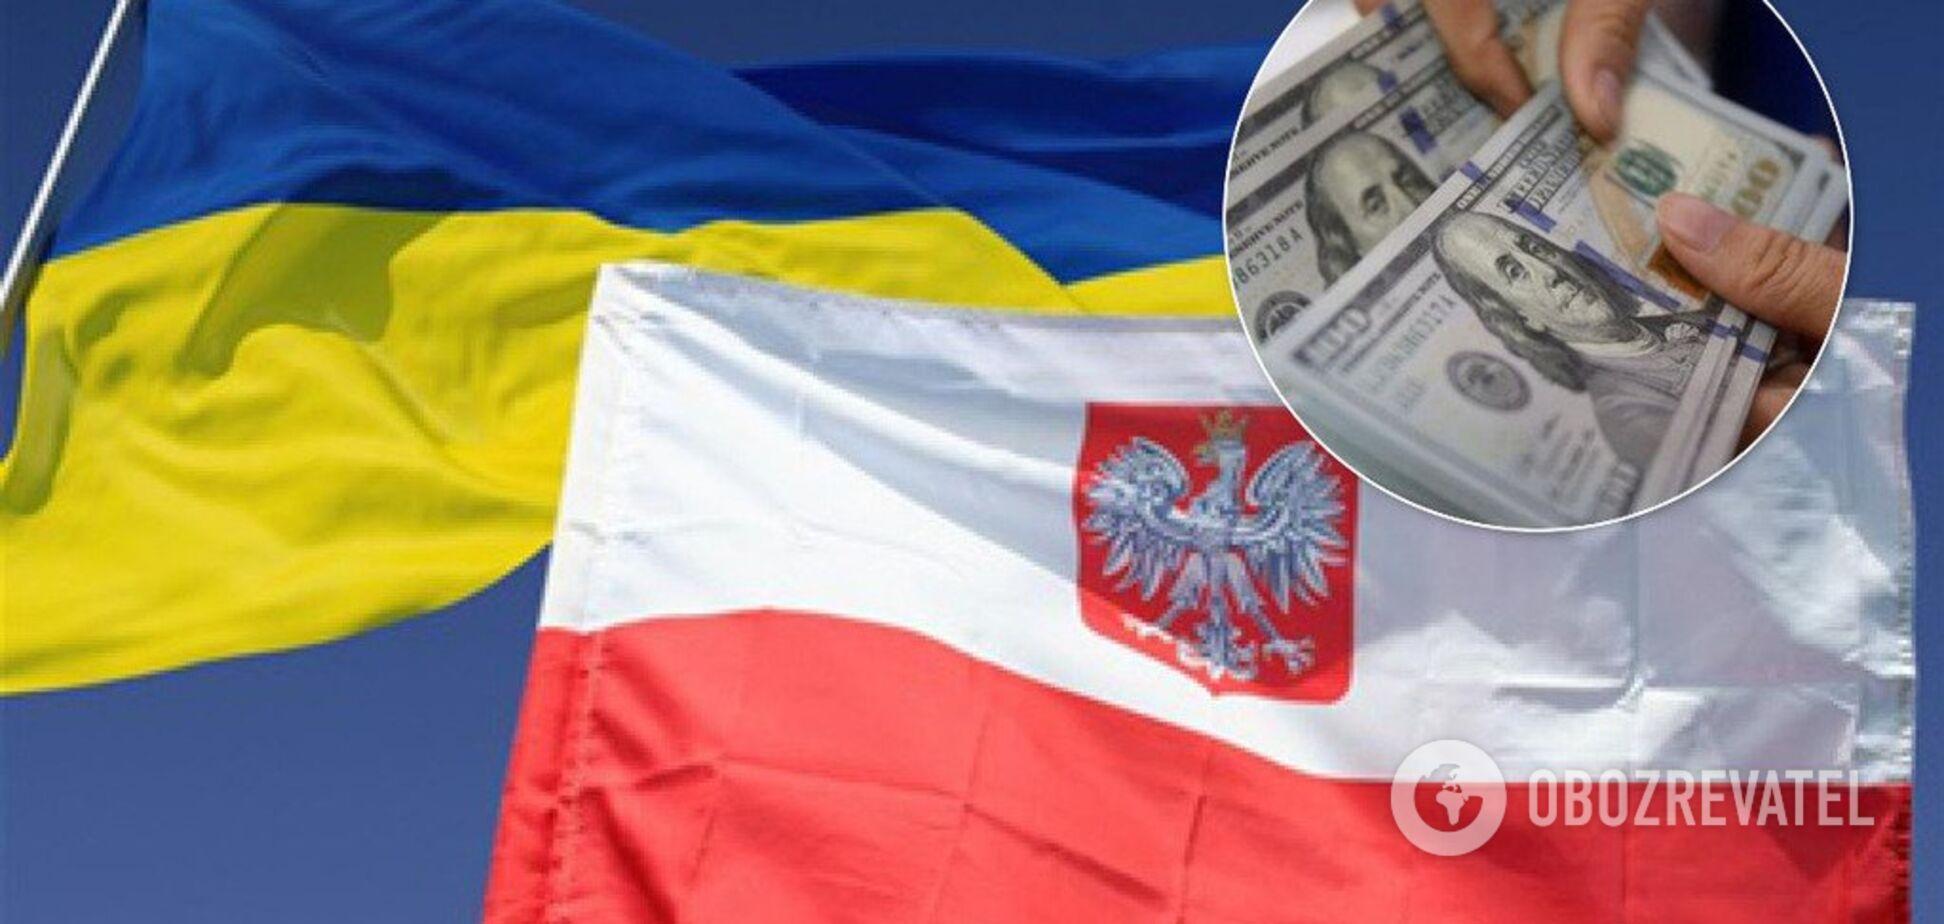 Польща підвищила мінімалку: як вплине на зарплати заробітчан